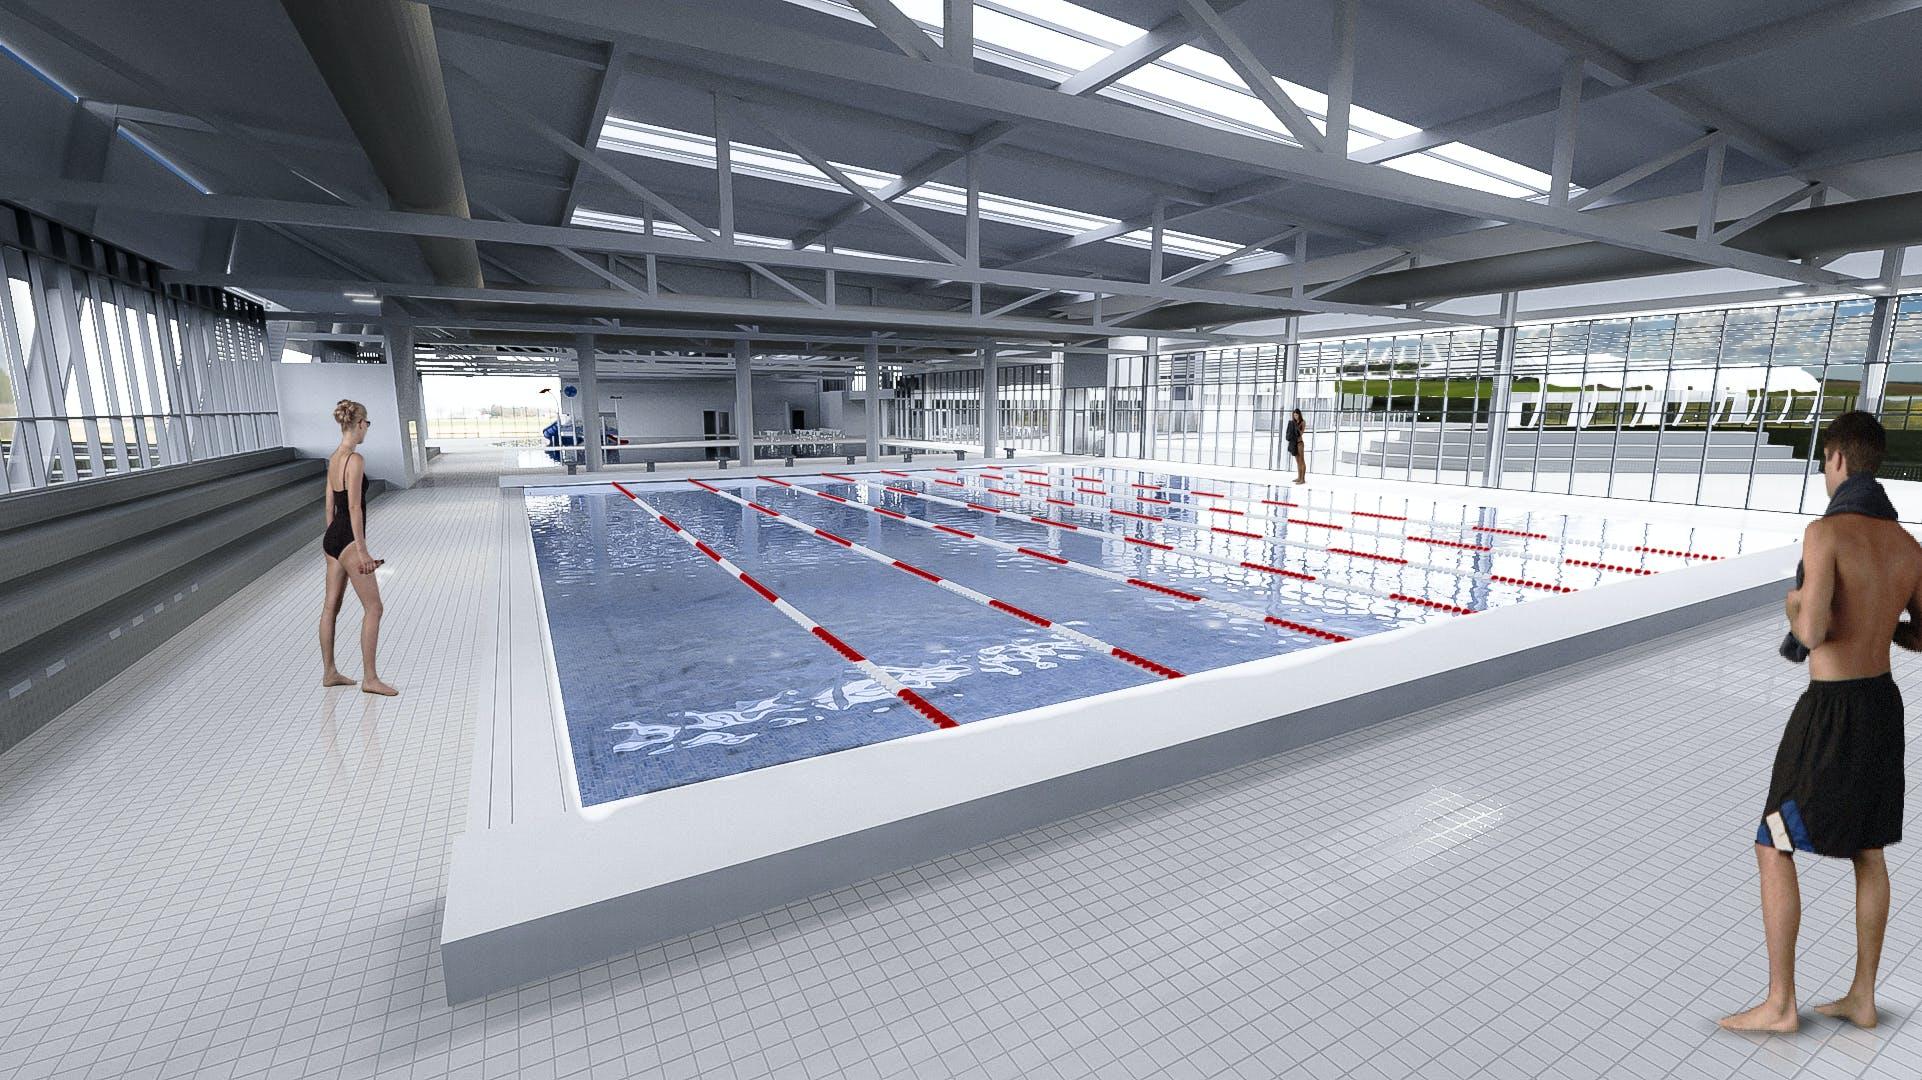 Charlestown 25m indoor pool